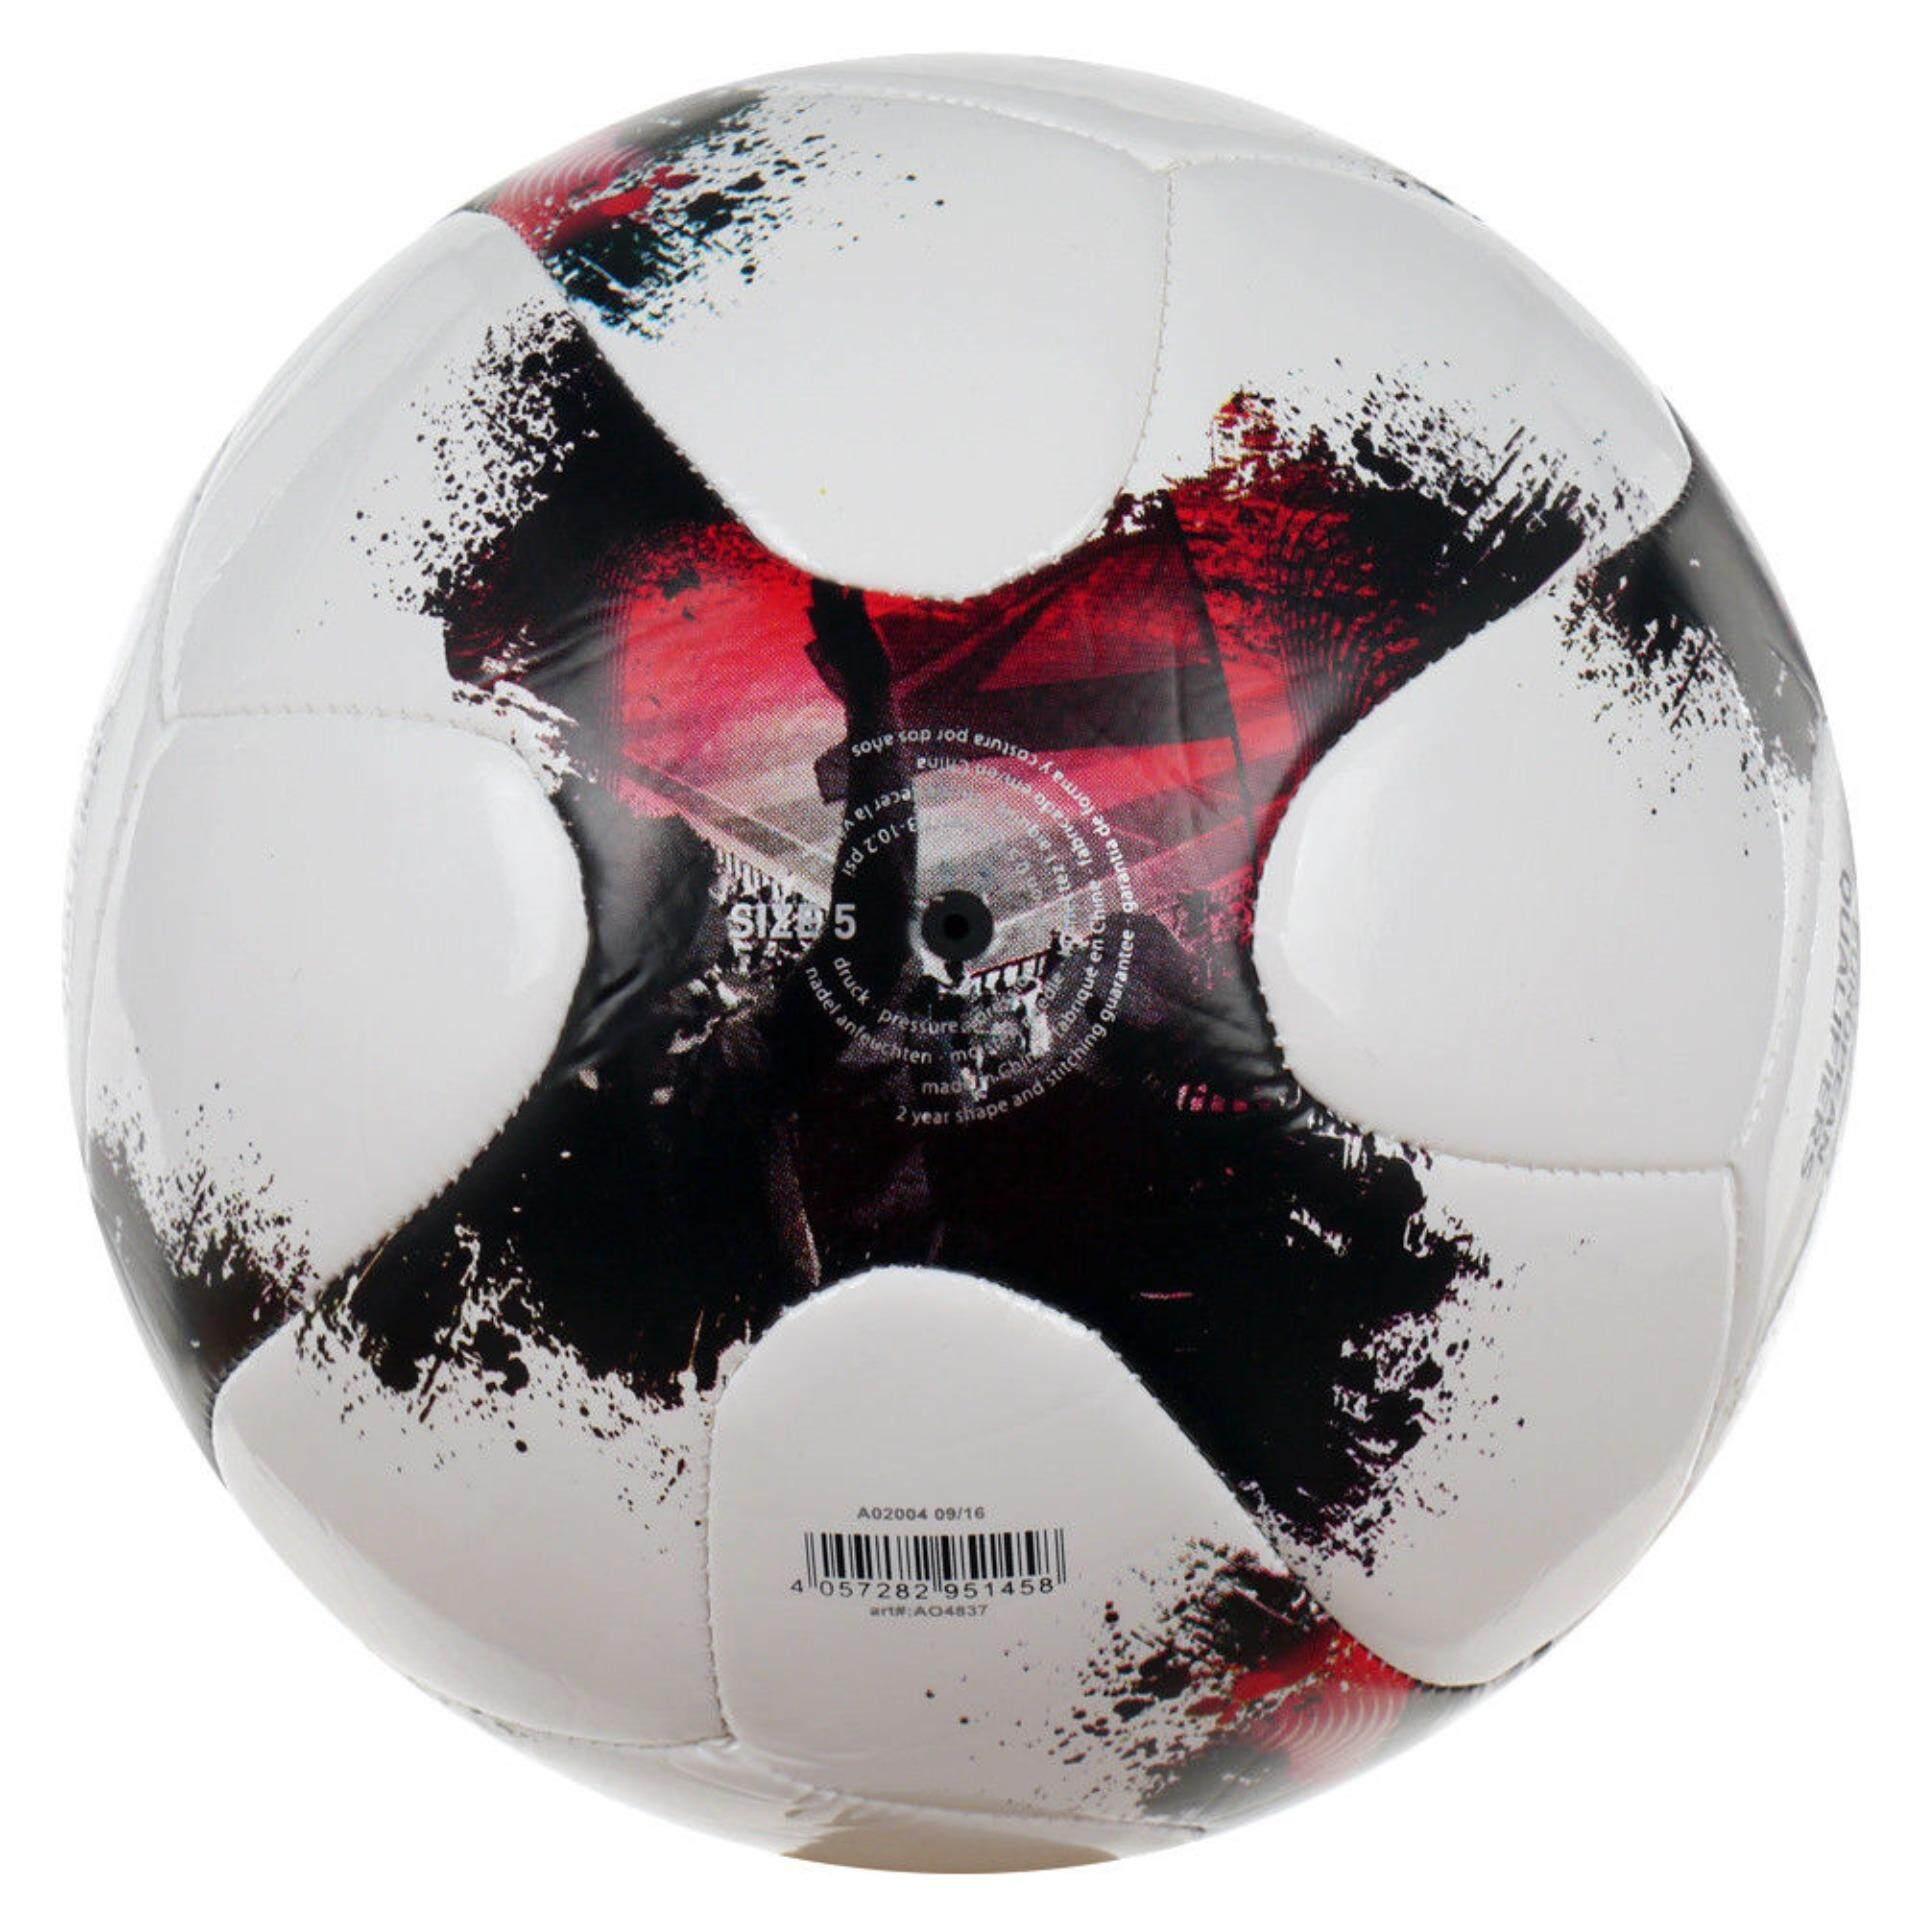 ยี่ห้อนี้ดีไหม  ฟุตบอลหนังเย็บ adidas EUROPEAN QUALIFIERS GLIDER  (AO4837) SIZE 5 สีขาว/แดง/ดำ